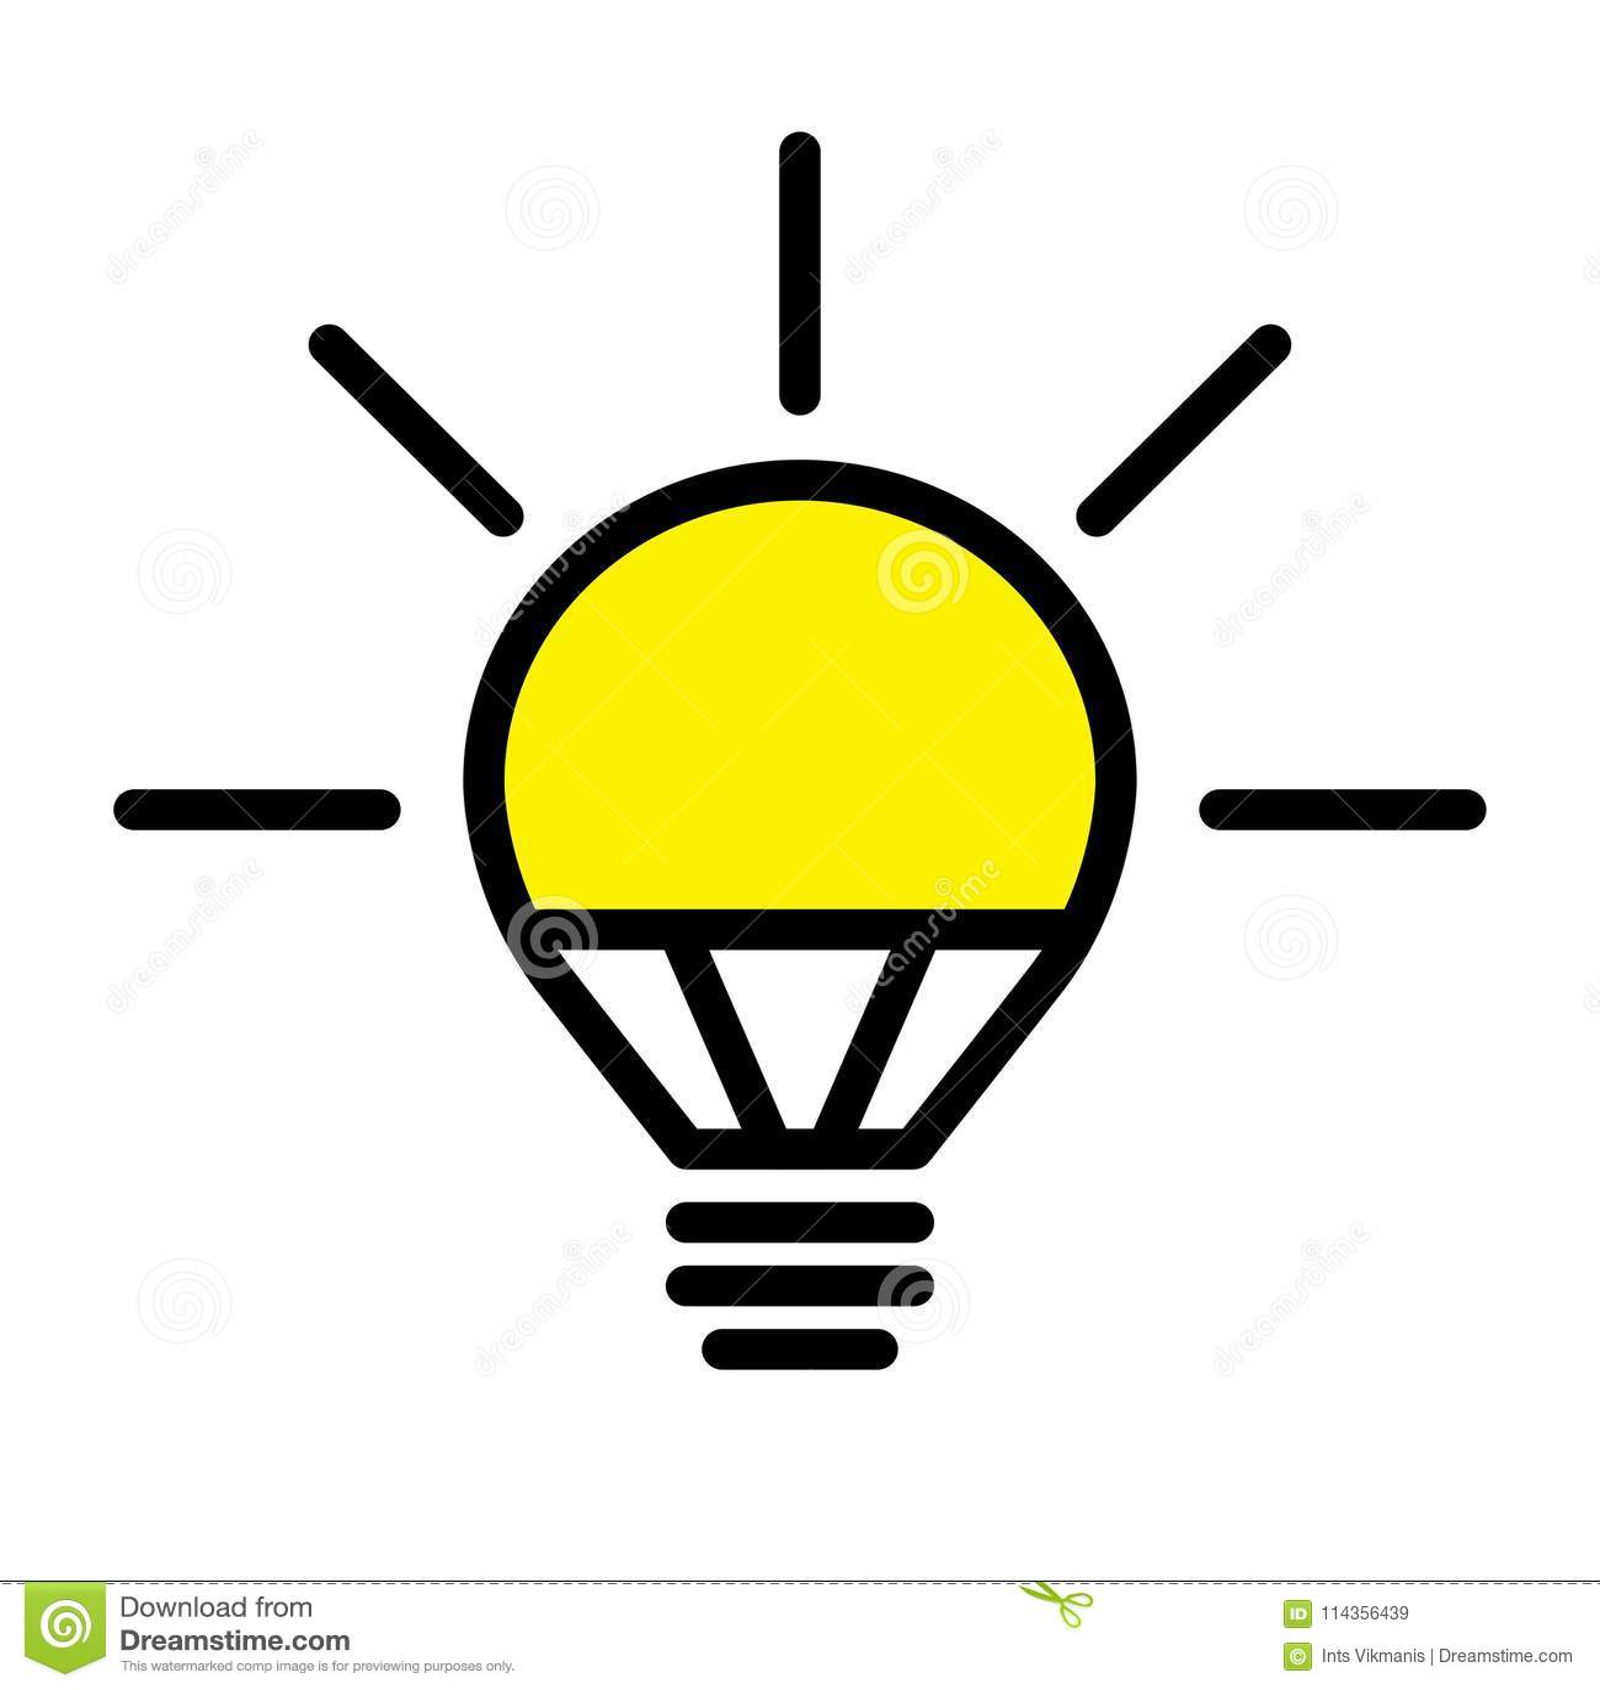 Download LED Light Bulb Lamp Stock Vector Illustration Of Glass